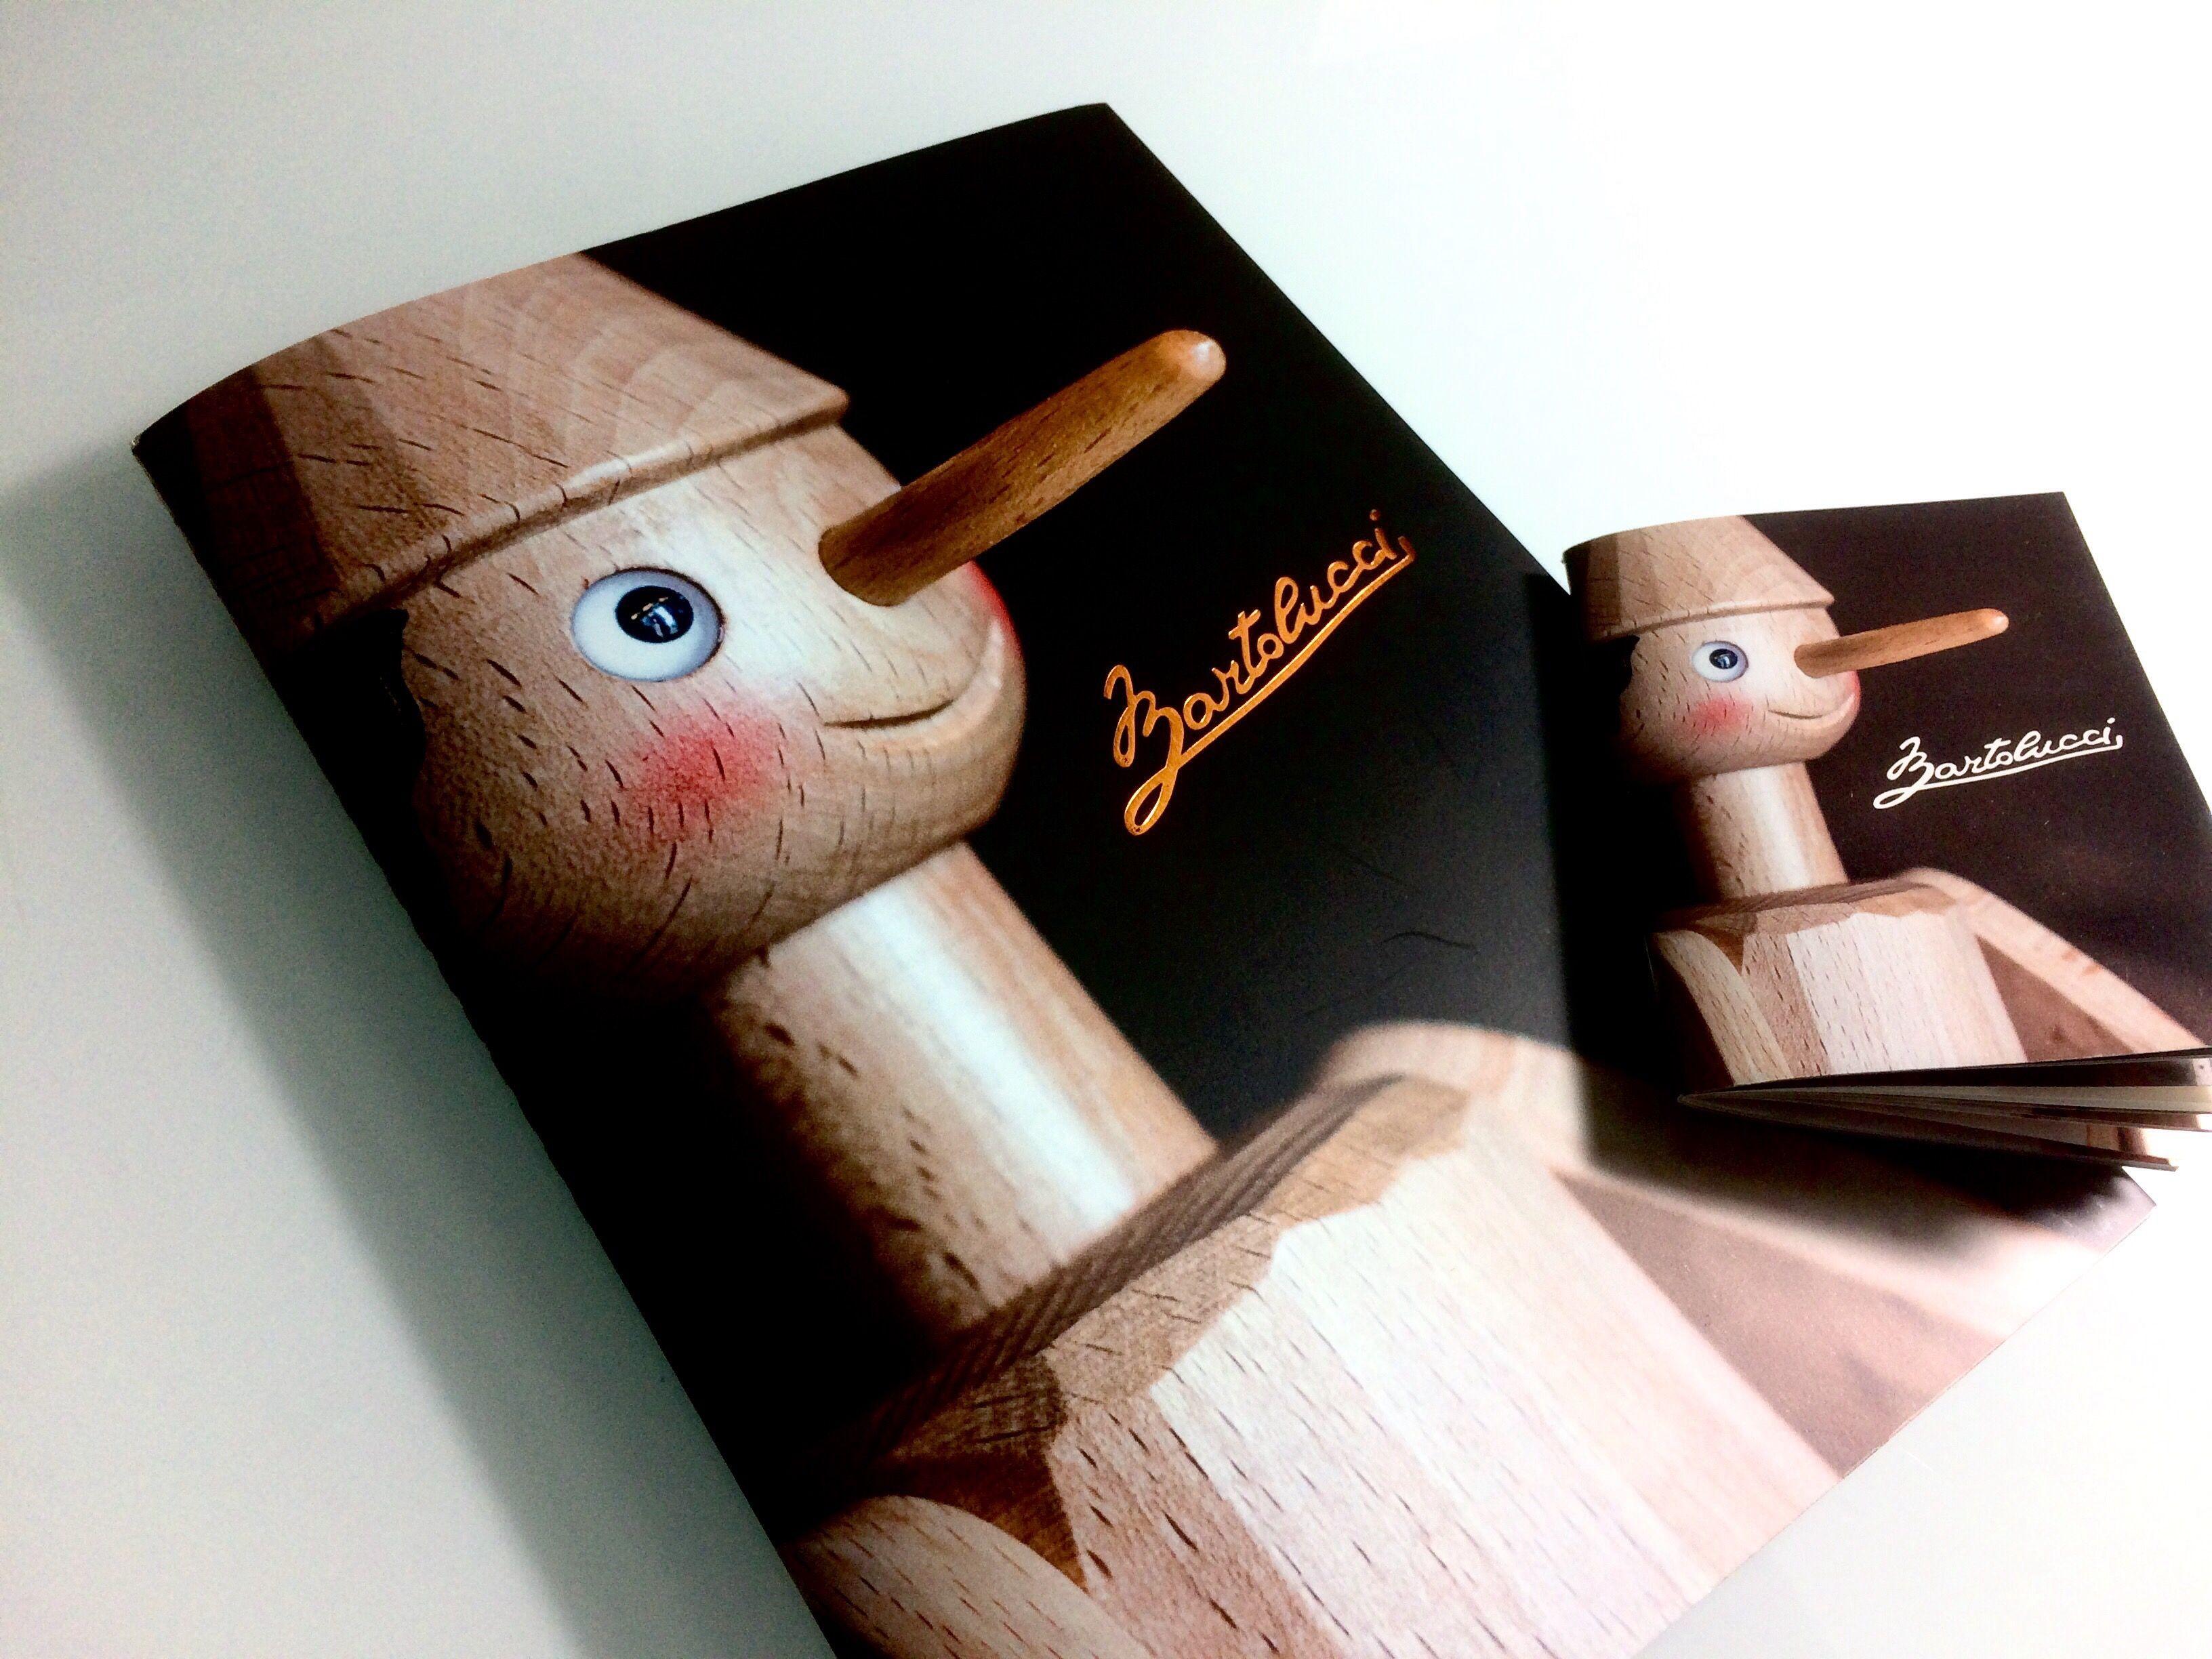 #nerodeco per @bartolucci_official #catalog #2017 #project #wood #bartolucci #italy #pinocchio #fedrigoni #tatami